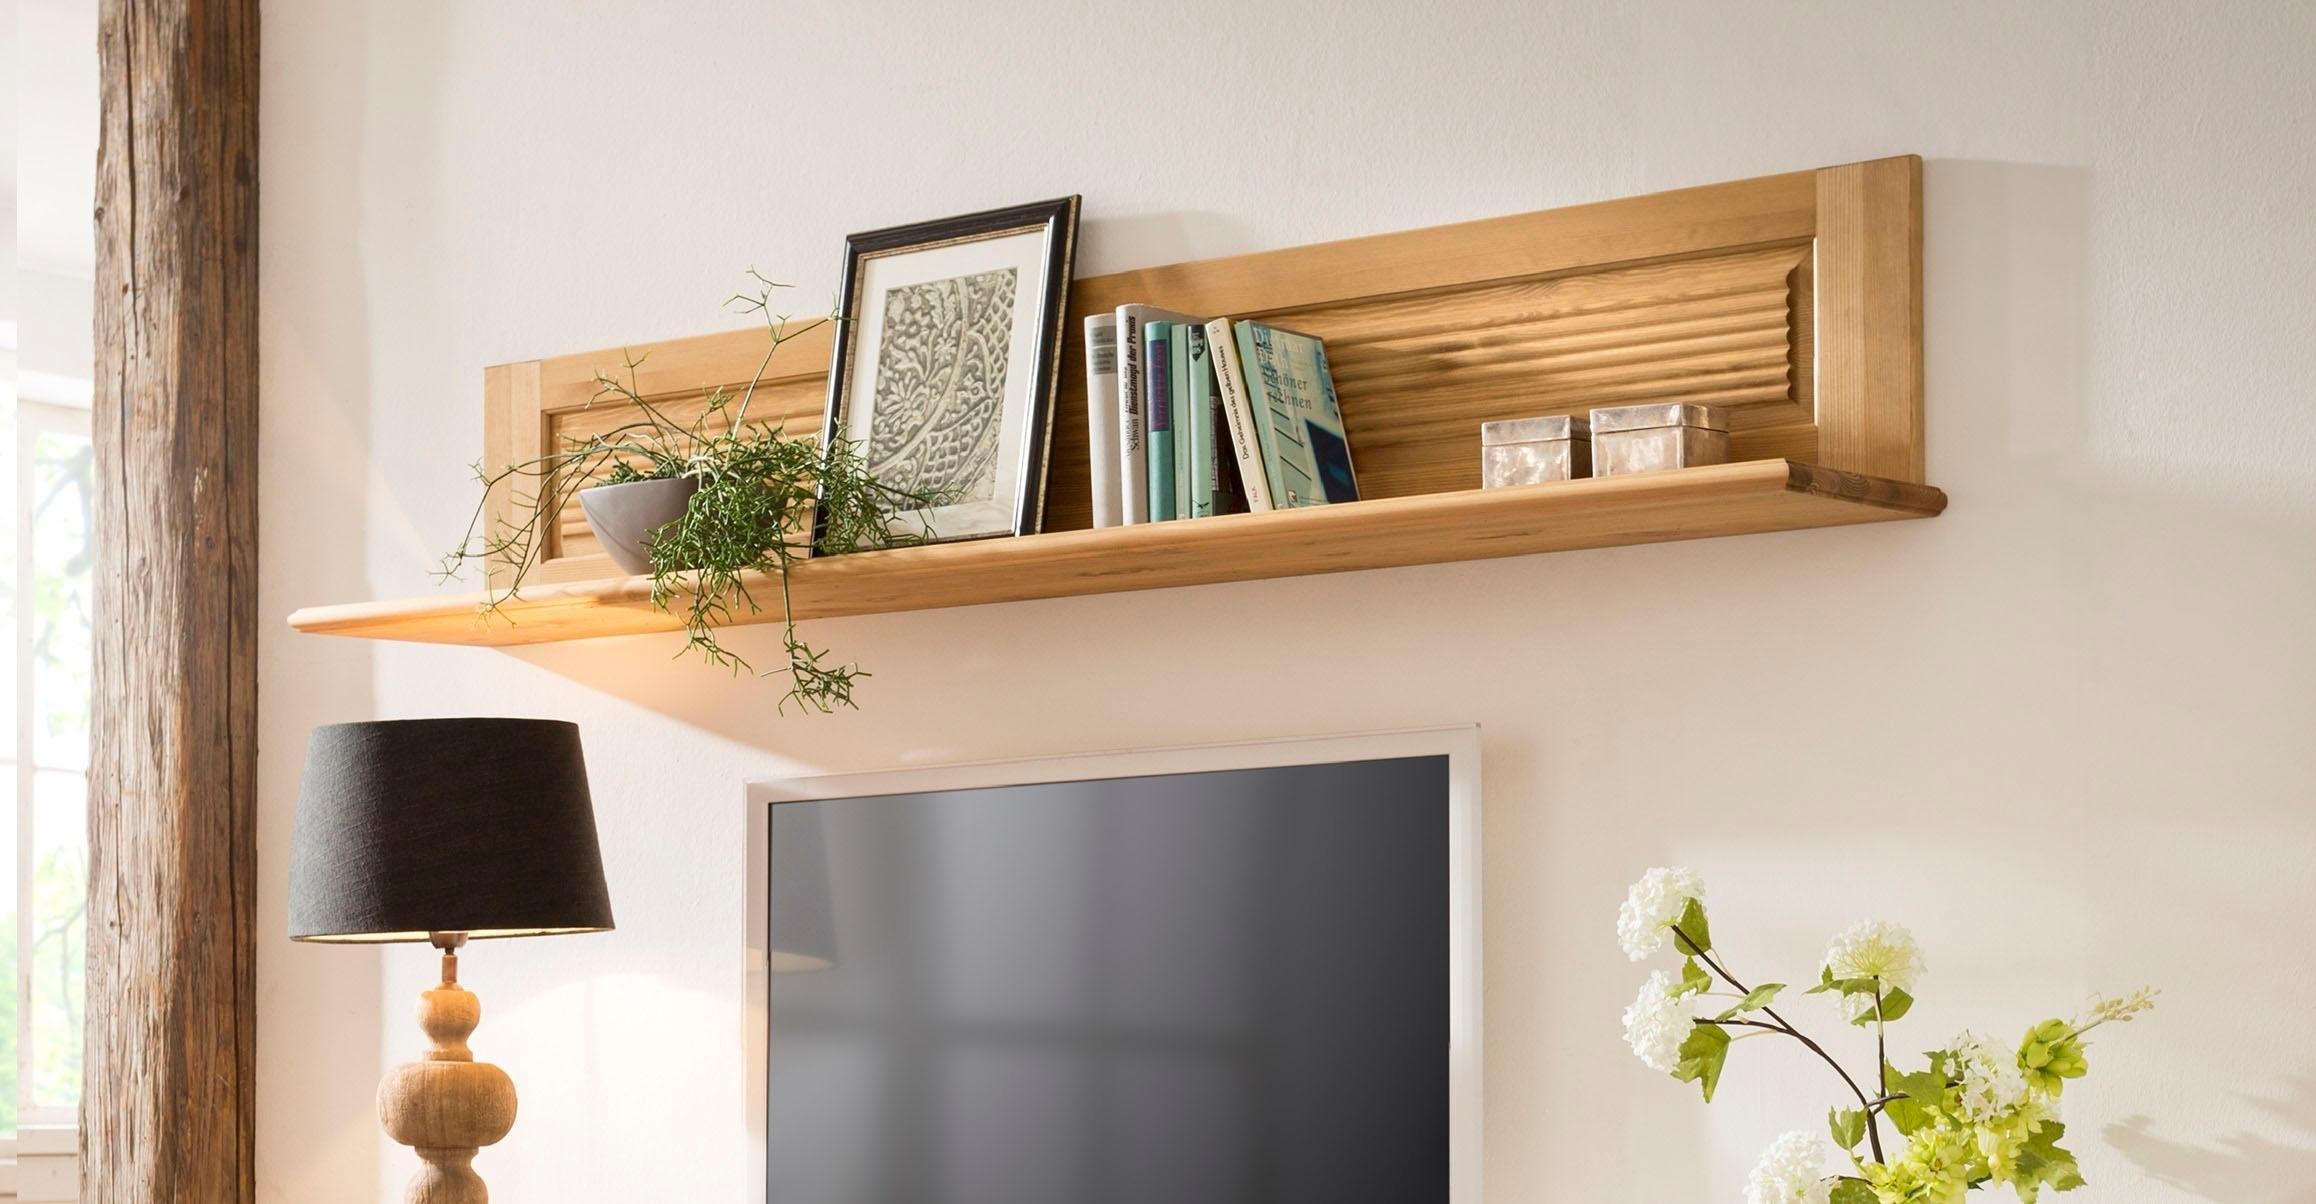 Home affaire wandpaneel Rauna Breedte 160 cm in de webshop van OTTO kopen